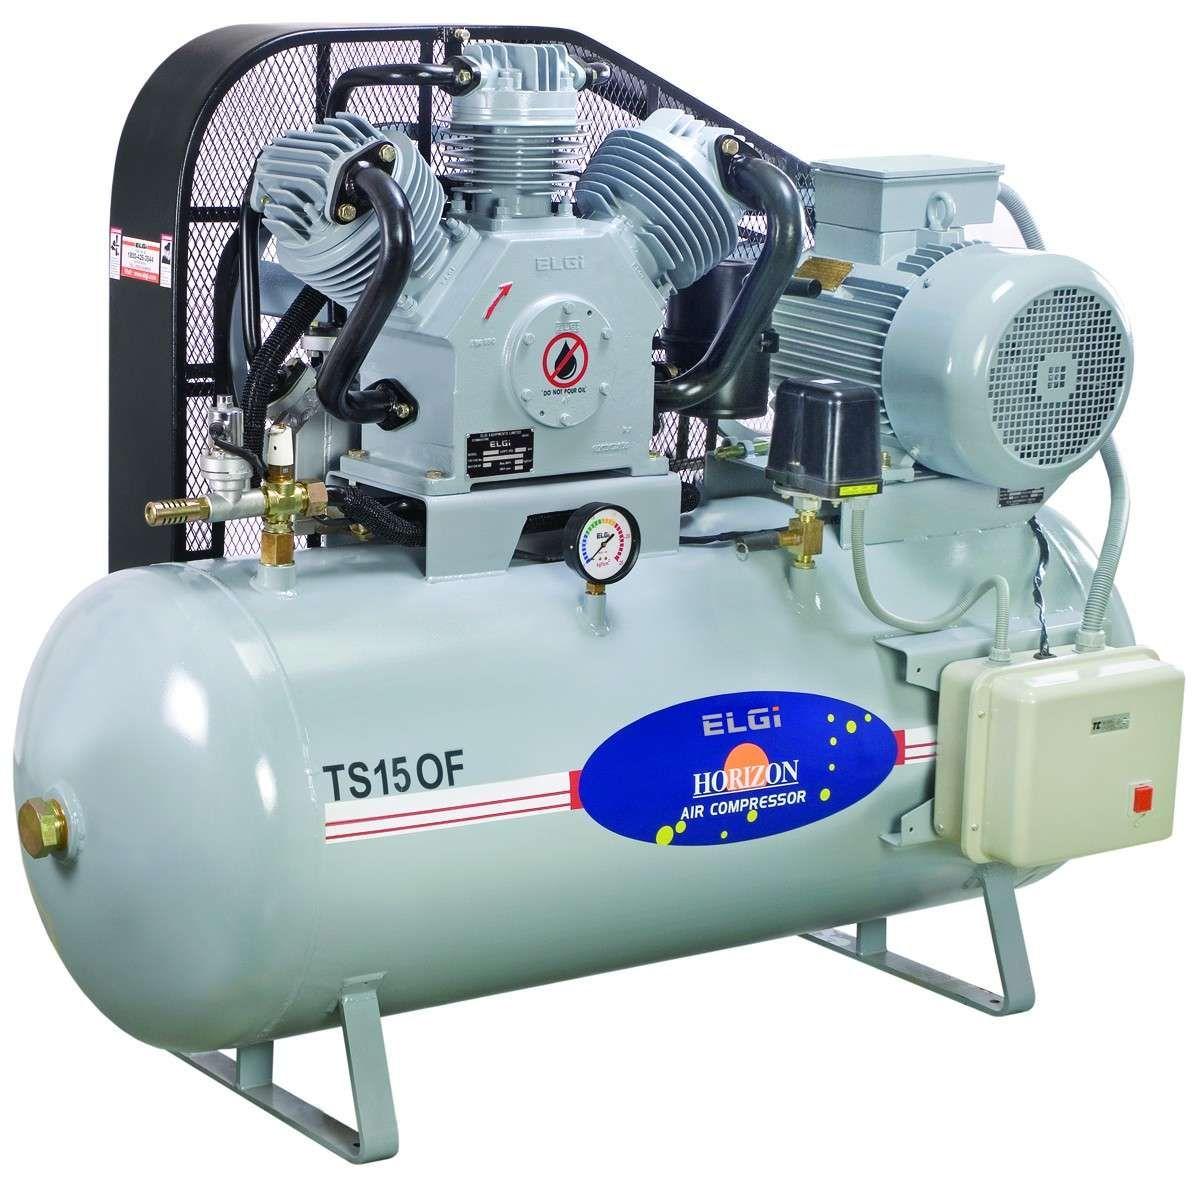 LG & Atlas Copco Air Compressor Dealers in Chennai Air